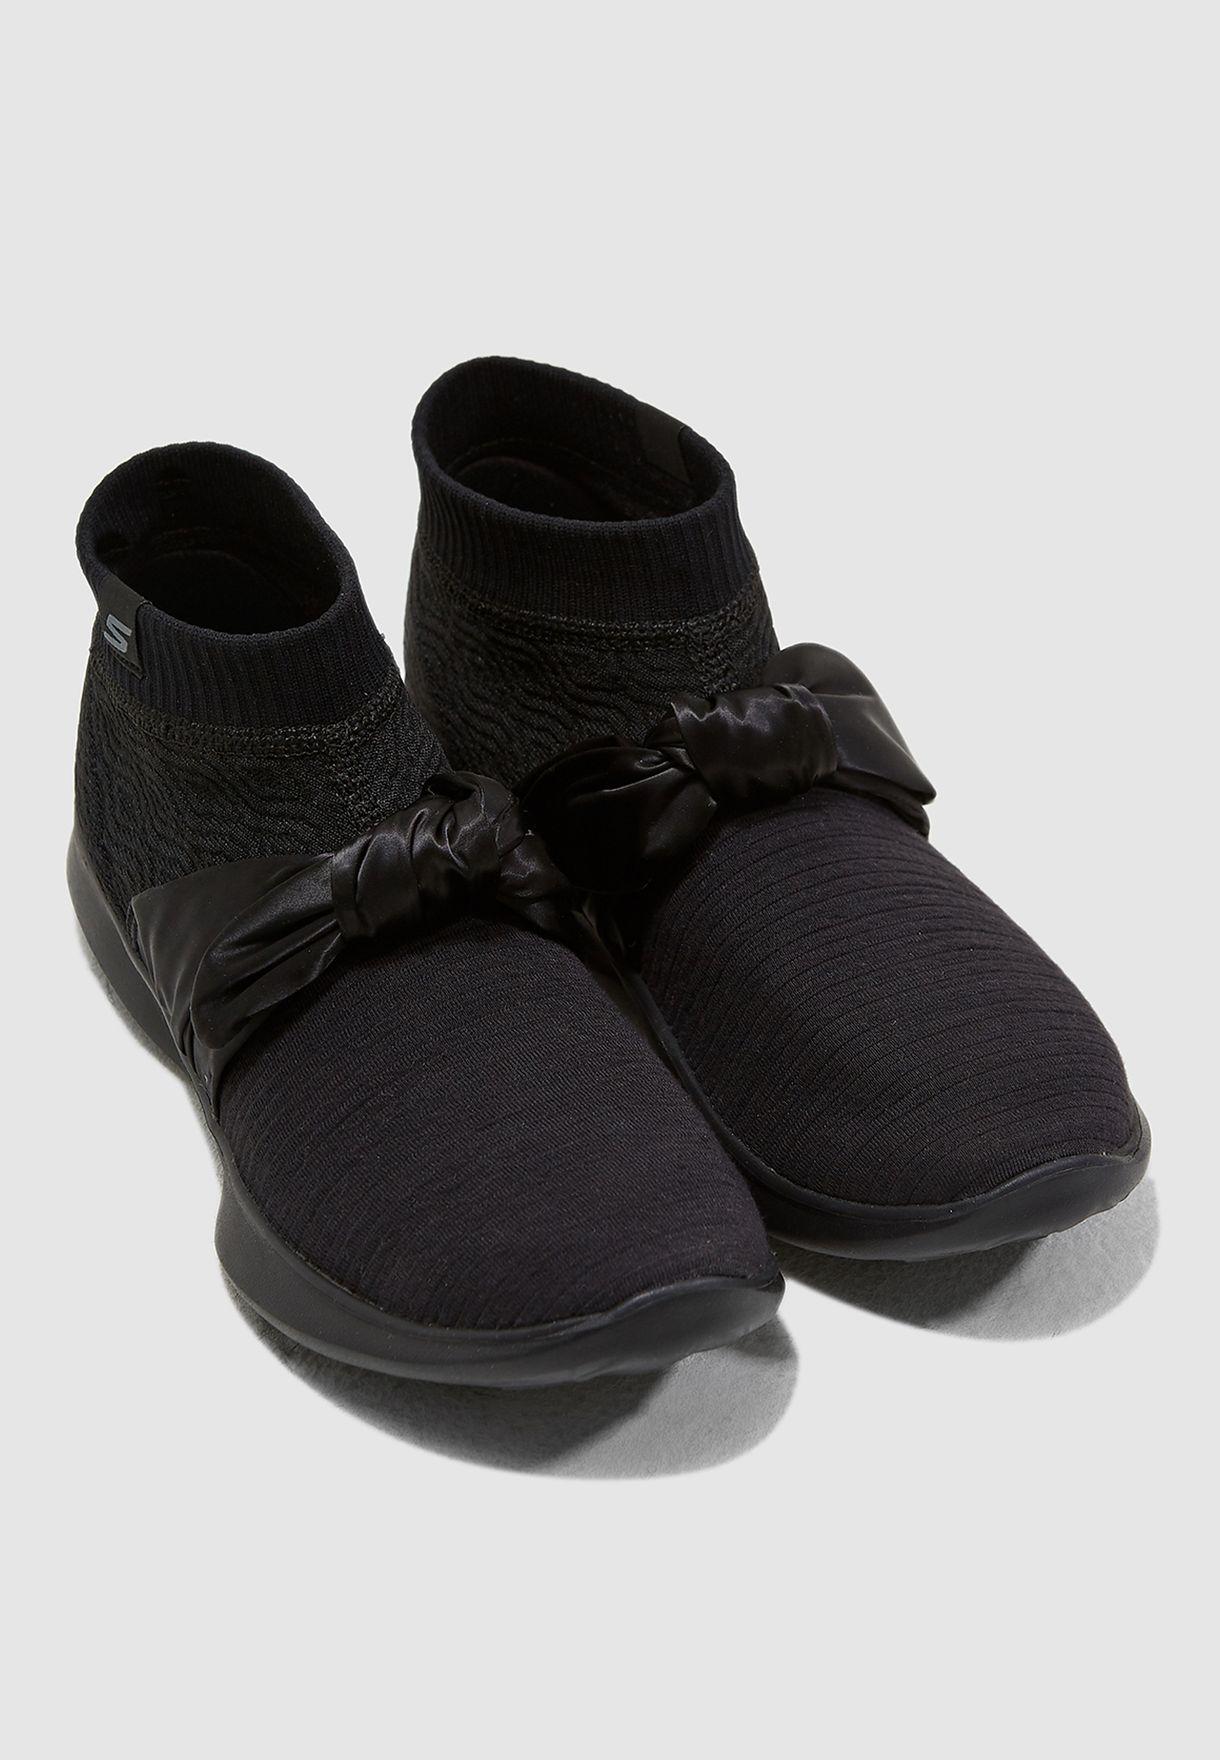 حذاء من مجموعة يو من سكيتشرز